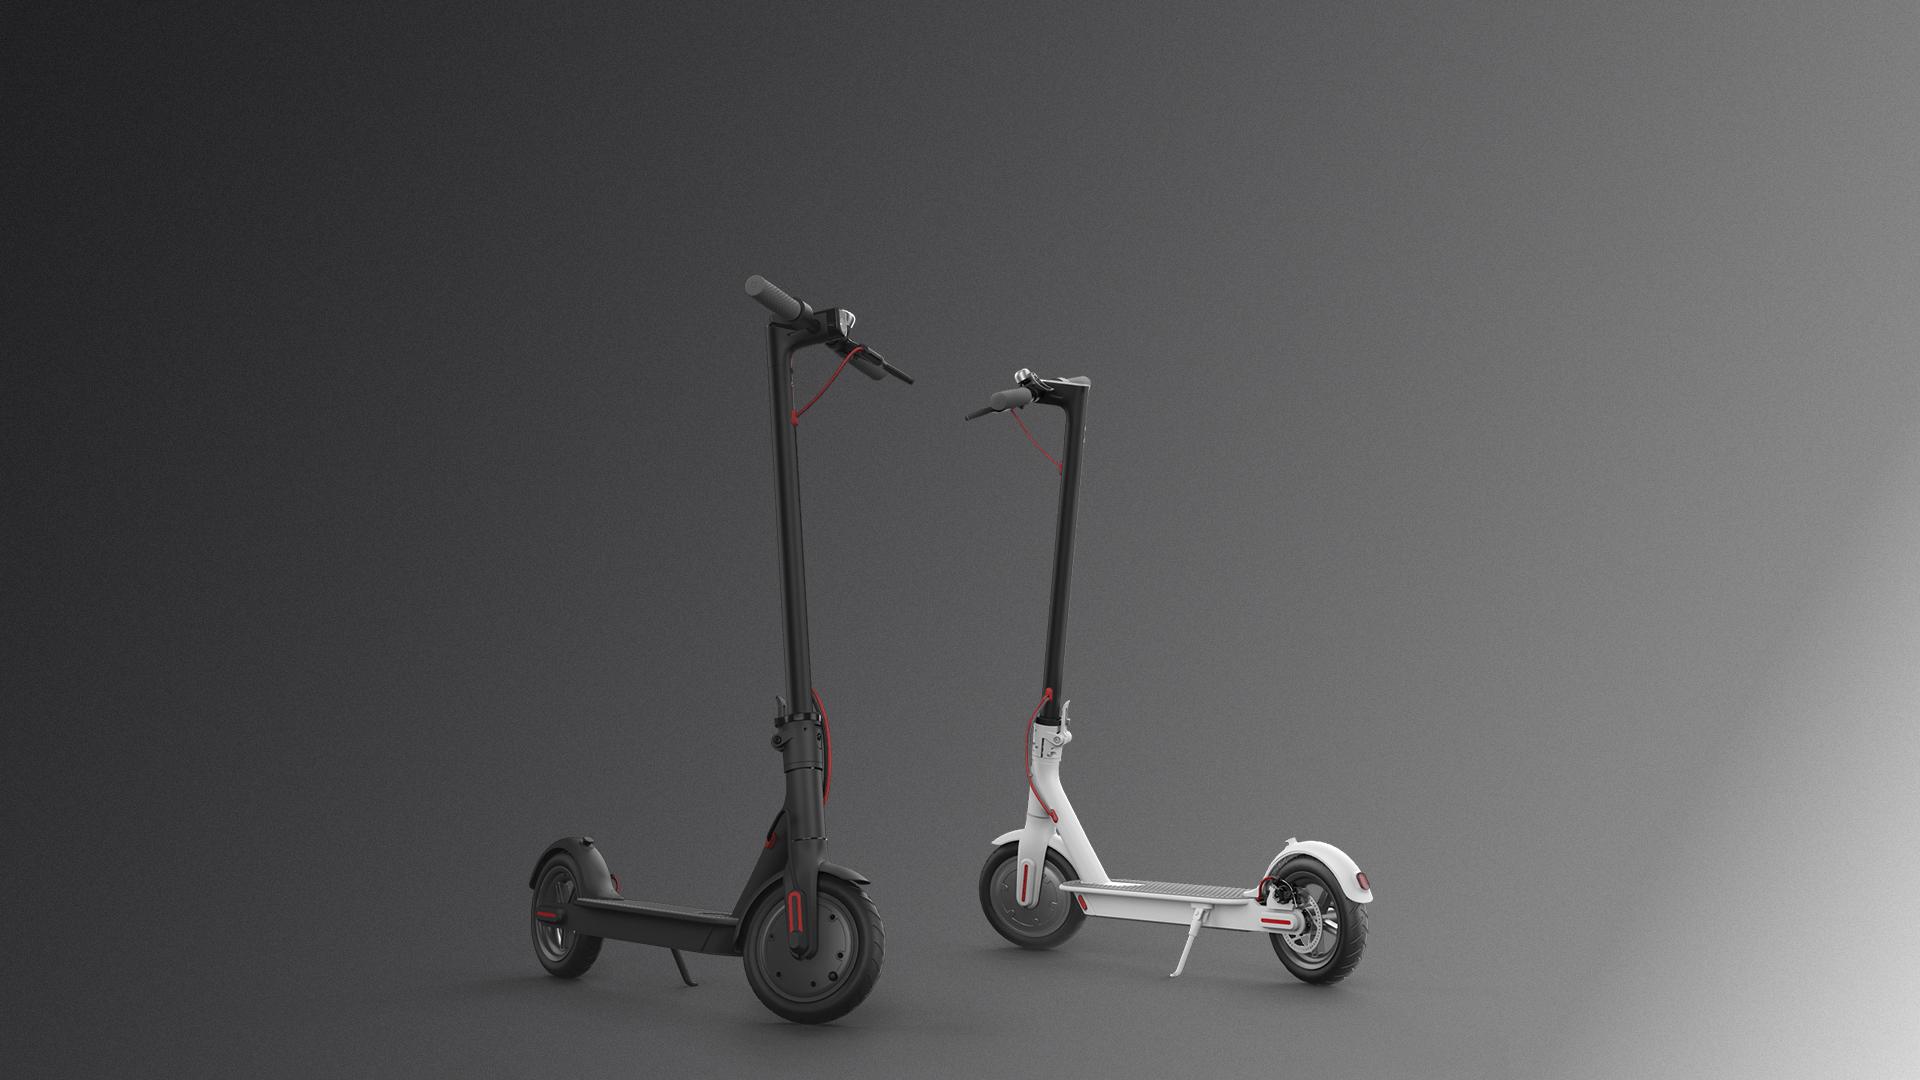 Reparatur von Elektrofahrrädern, Scootern und Segways